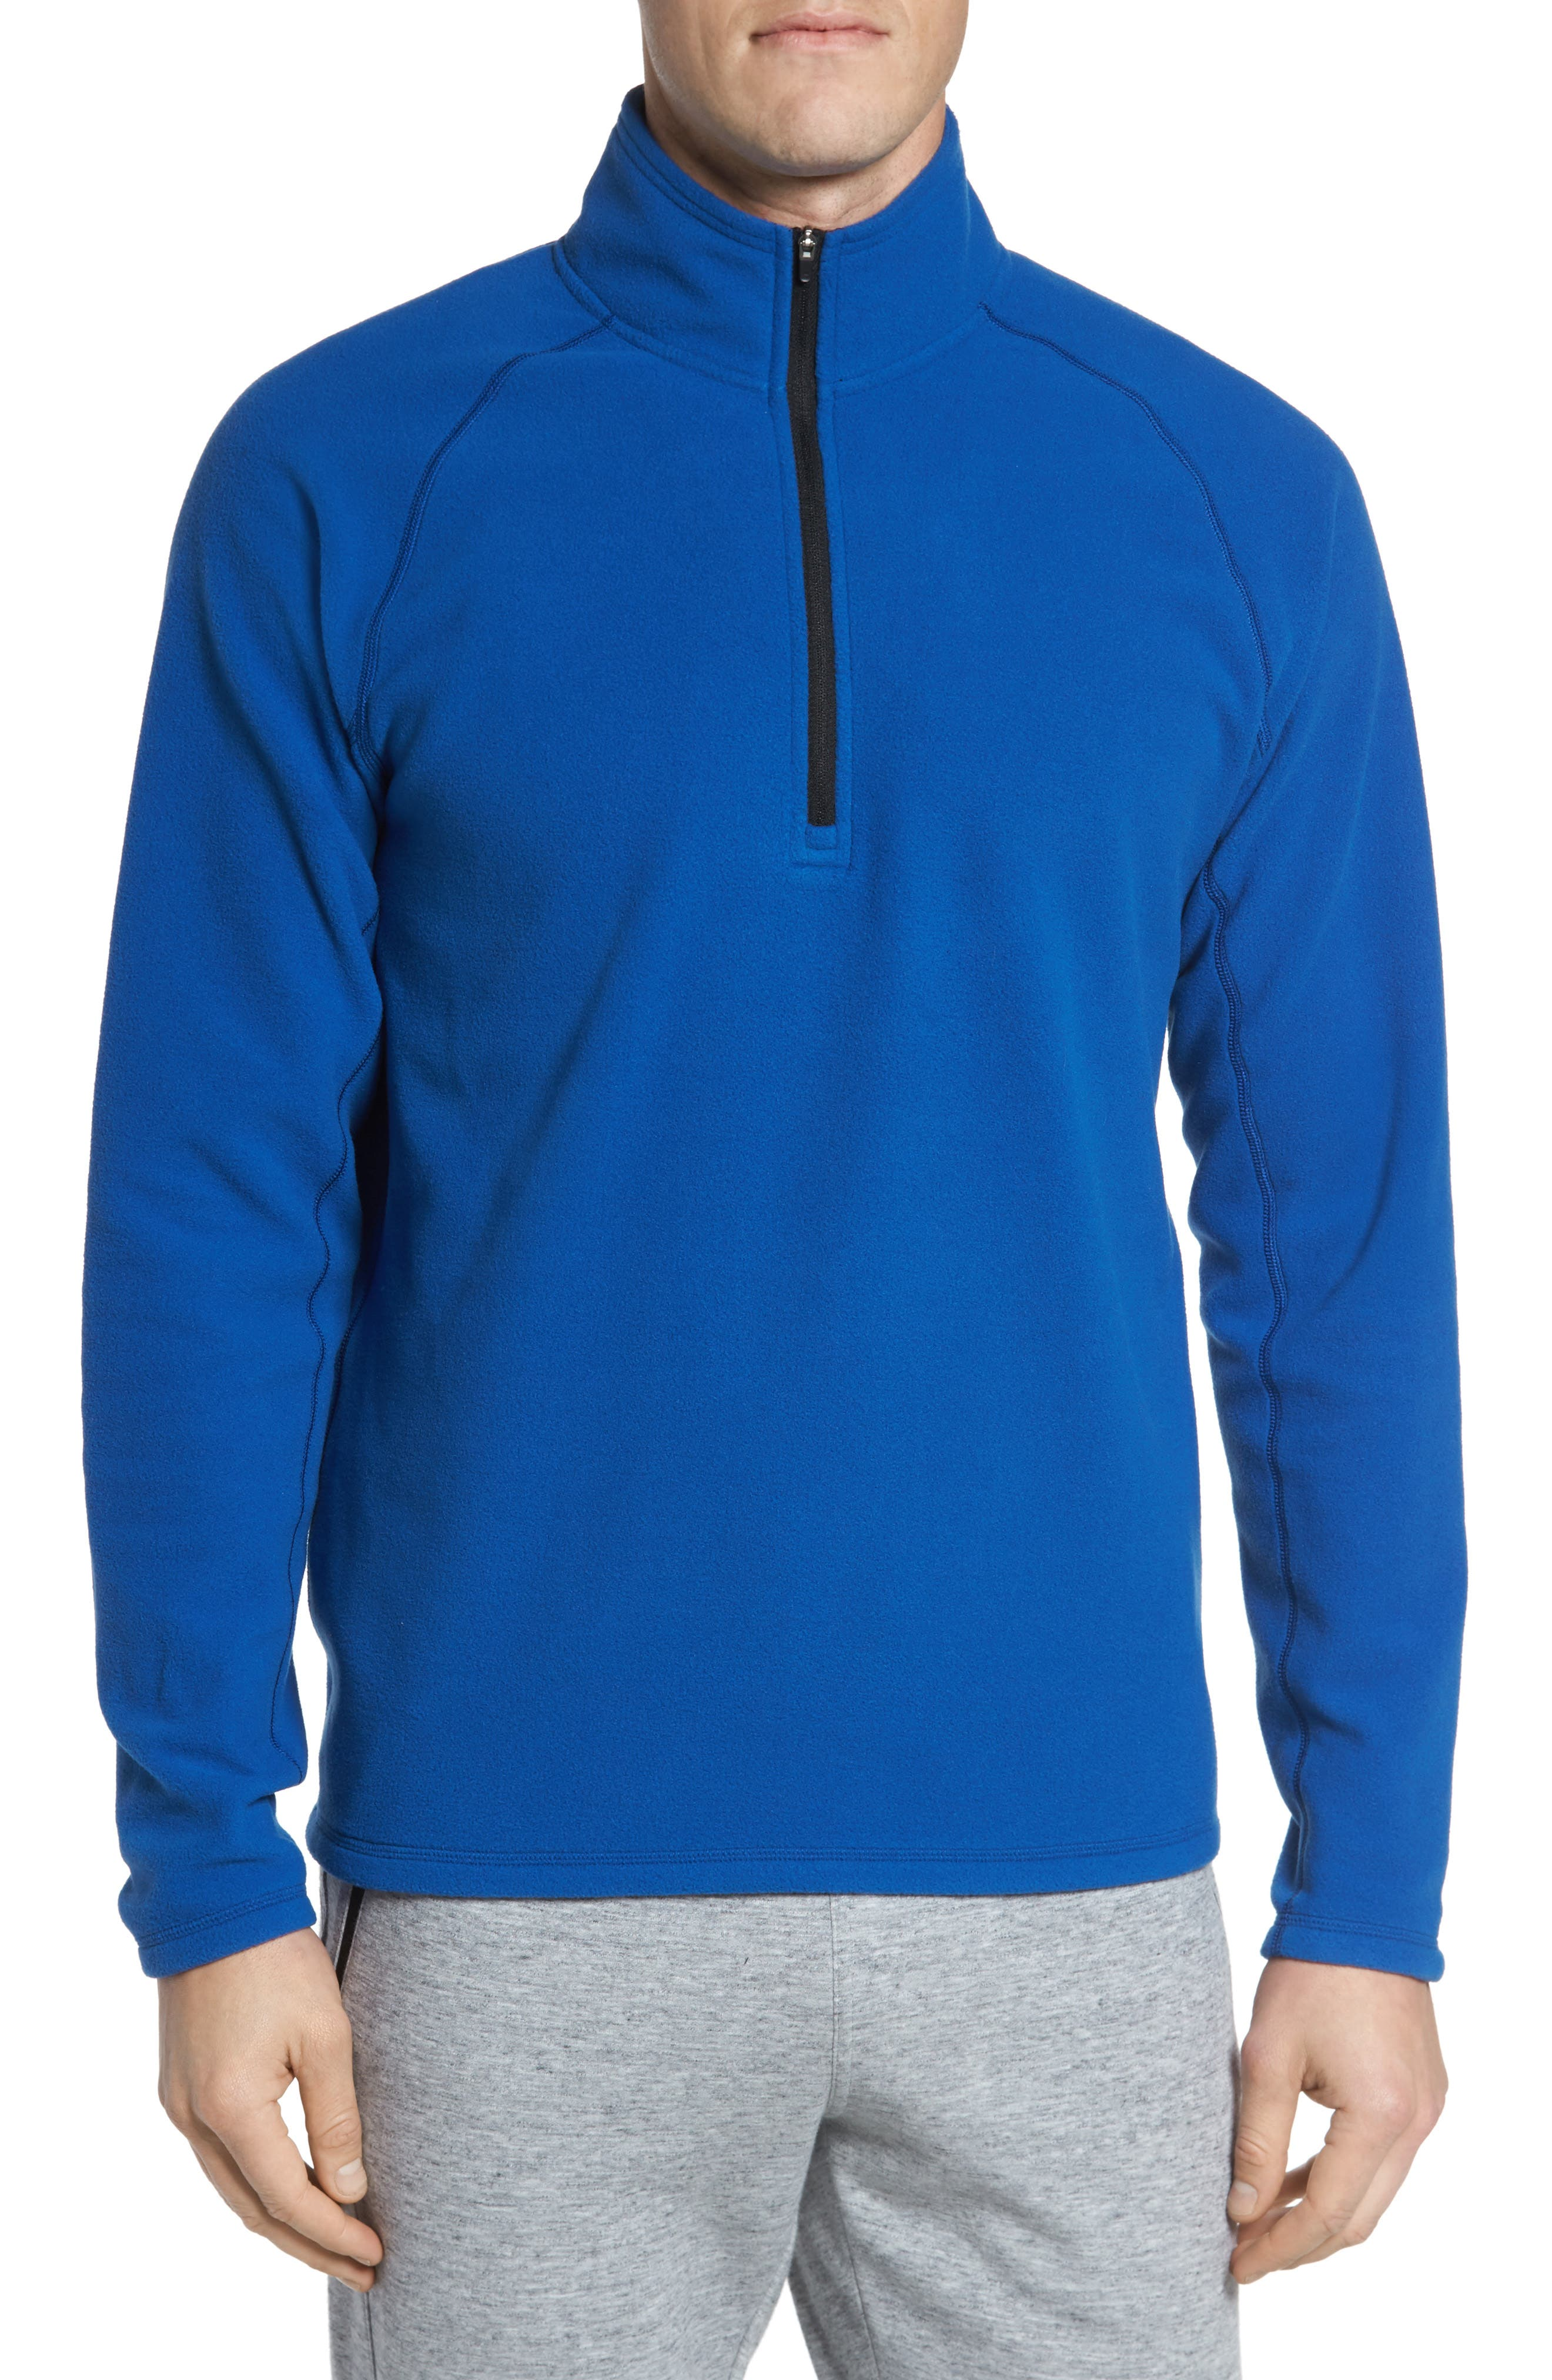 Zella Quarter Zip Fleece Pullover